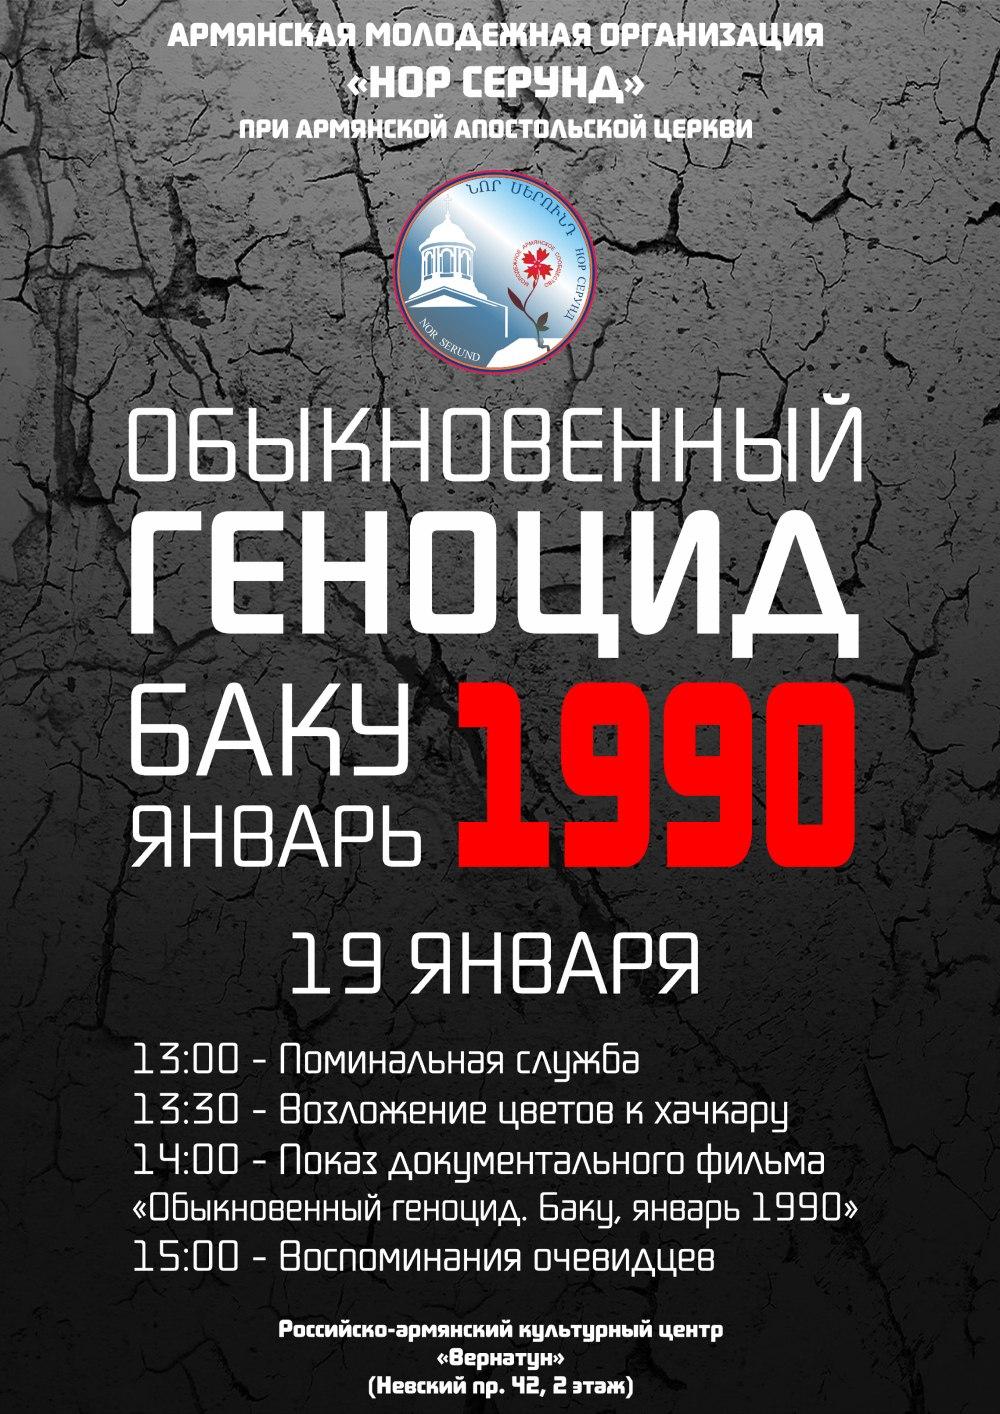 Армянский погром в Баку 1990